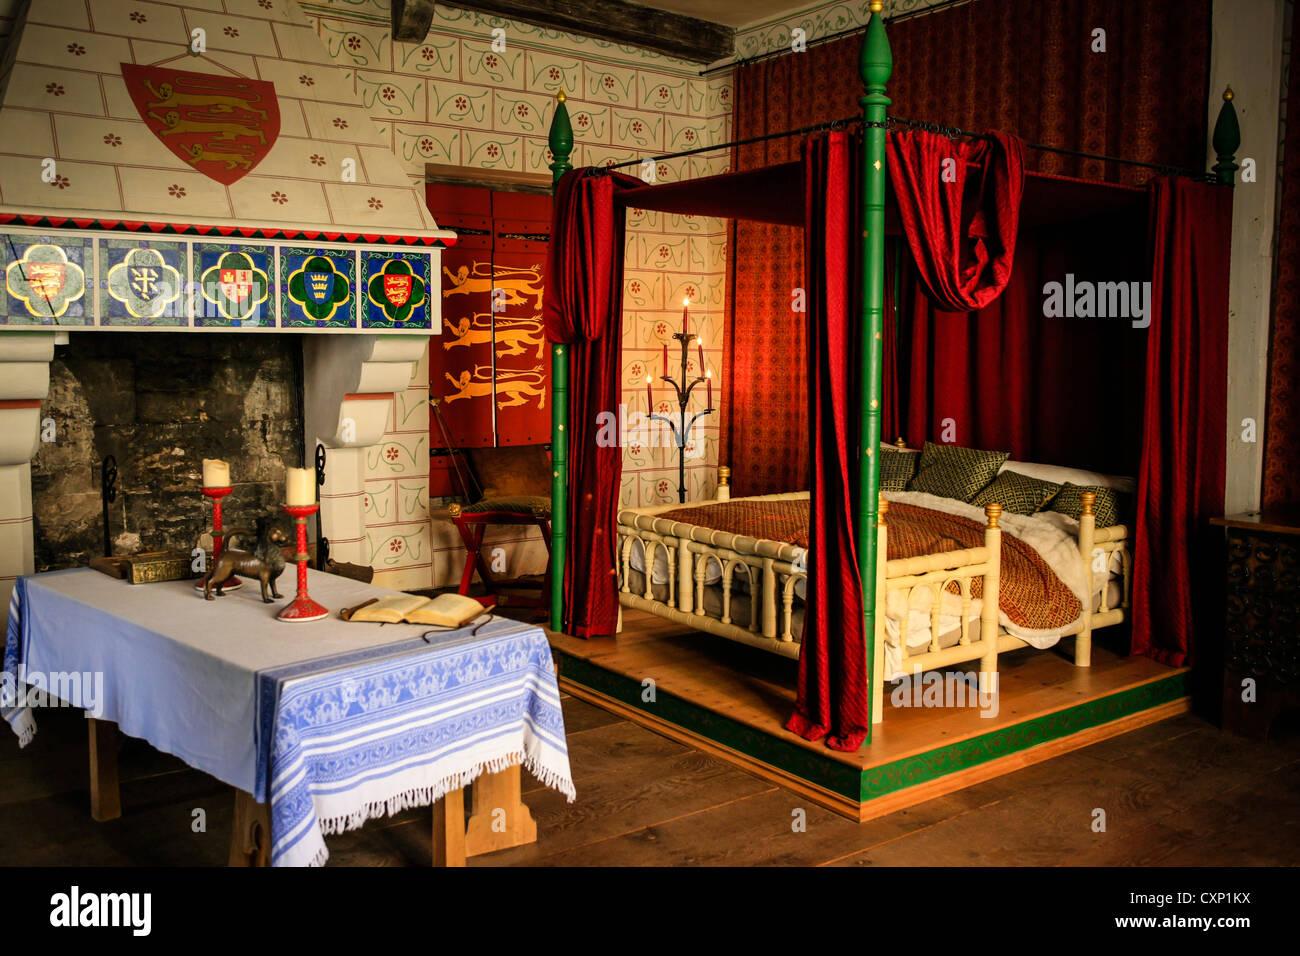 Camere Da Letto Medievali : Letto medievale camera nella torre di londra complessa foto